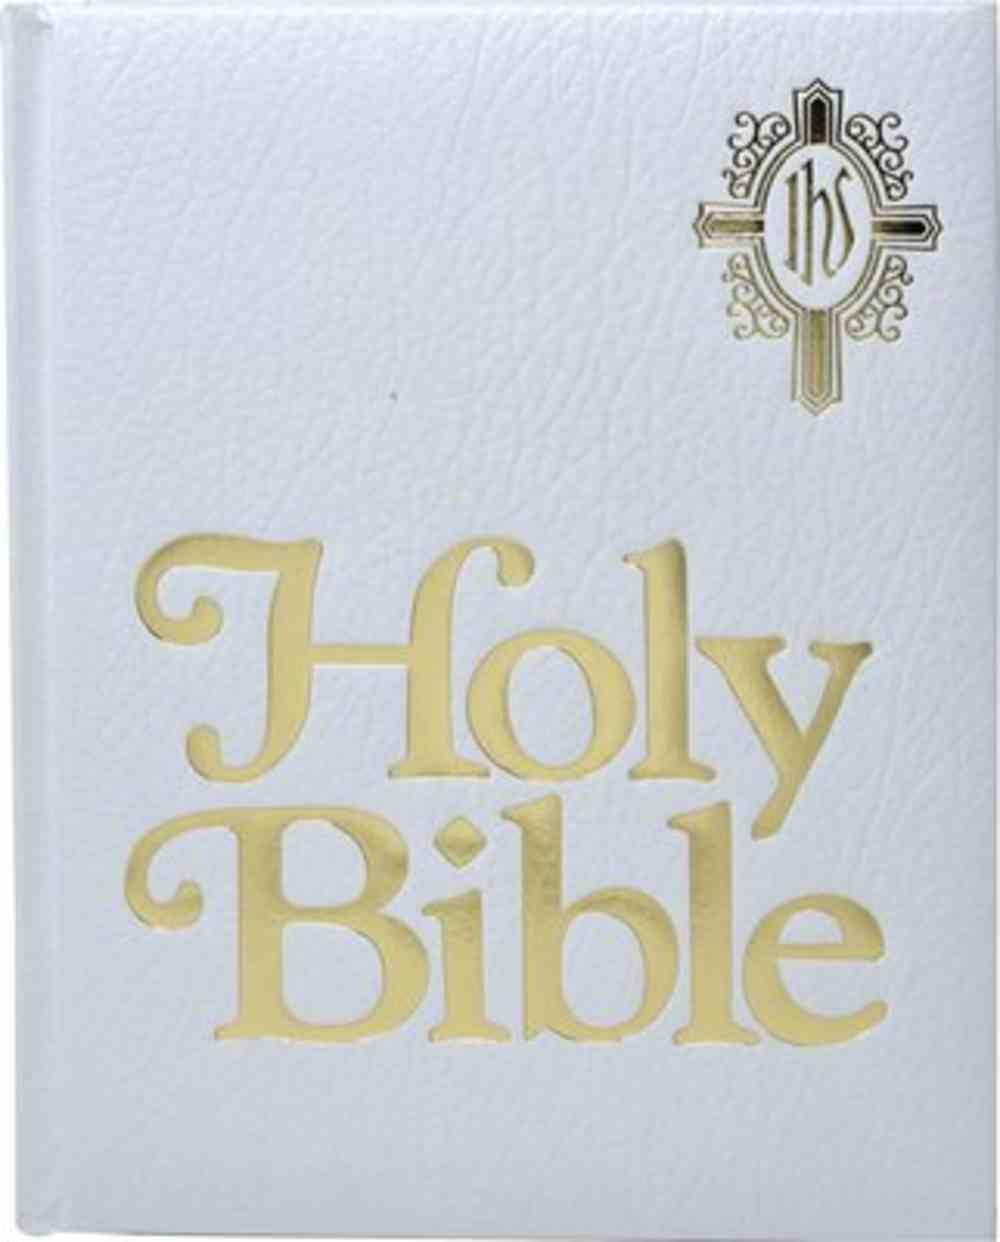 Nab Catholic Family Bible, the White Imitation Leather